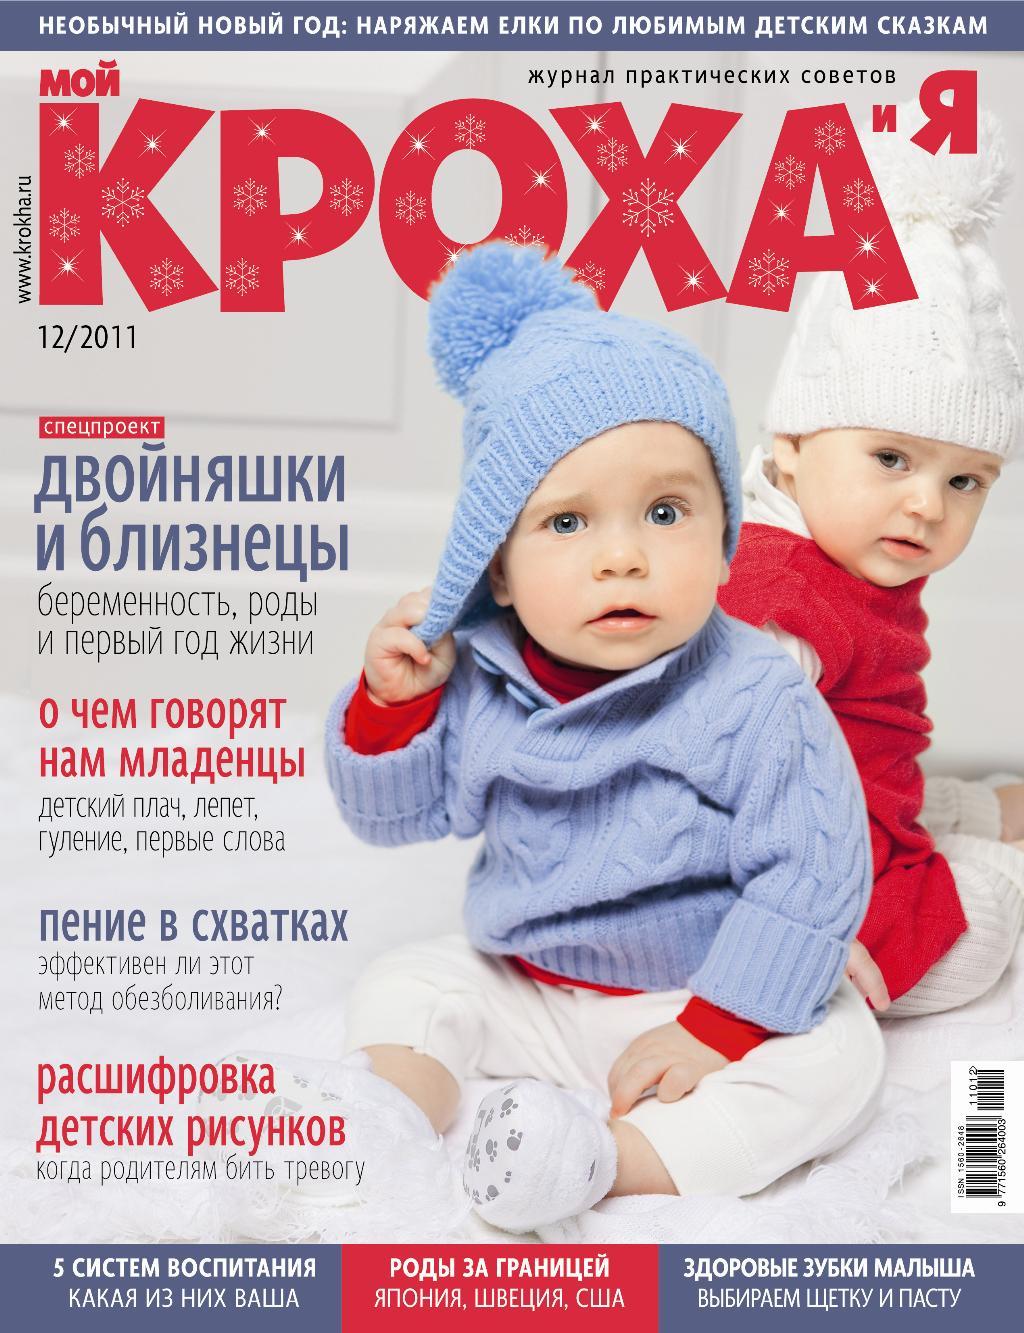 Журнал 'Мой кроха и я'. Конкурс 'Лучшая новогодняя обложка 2012'